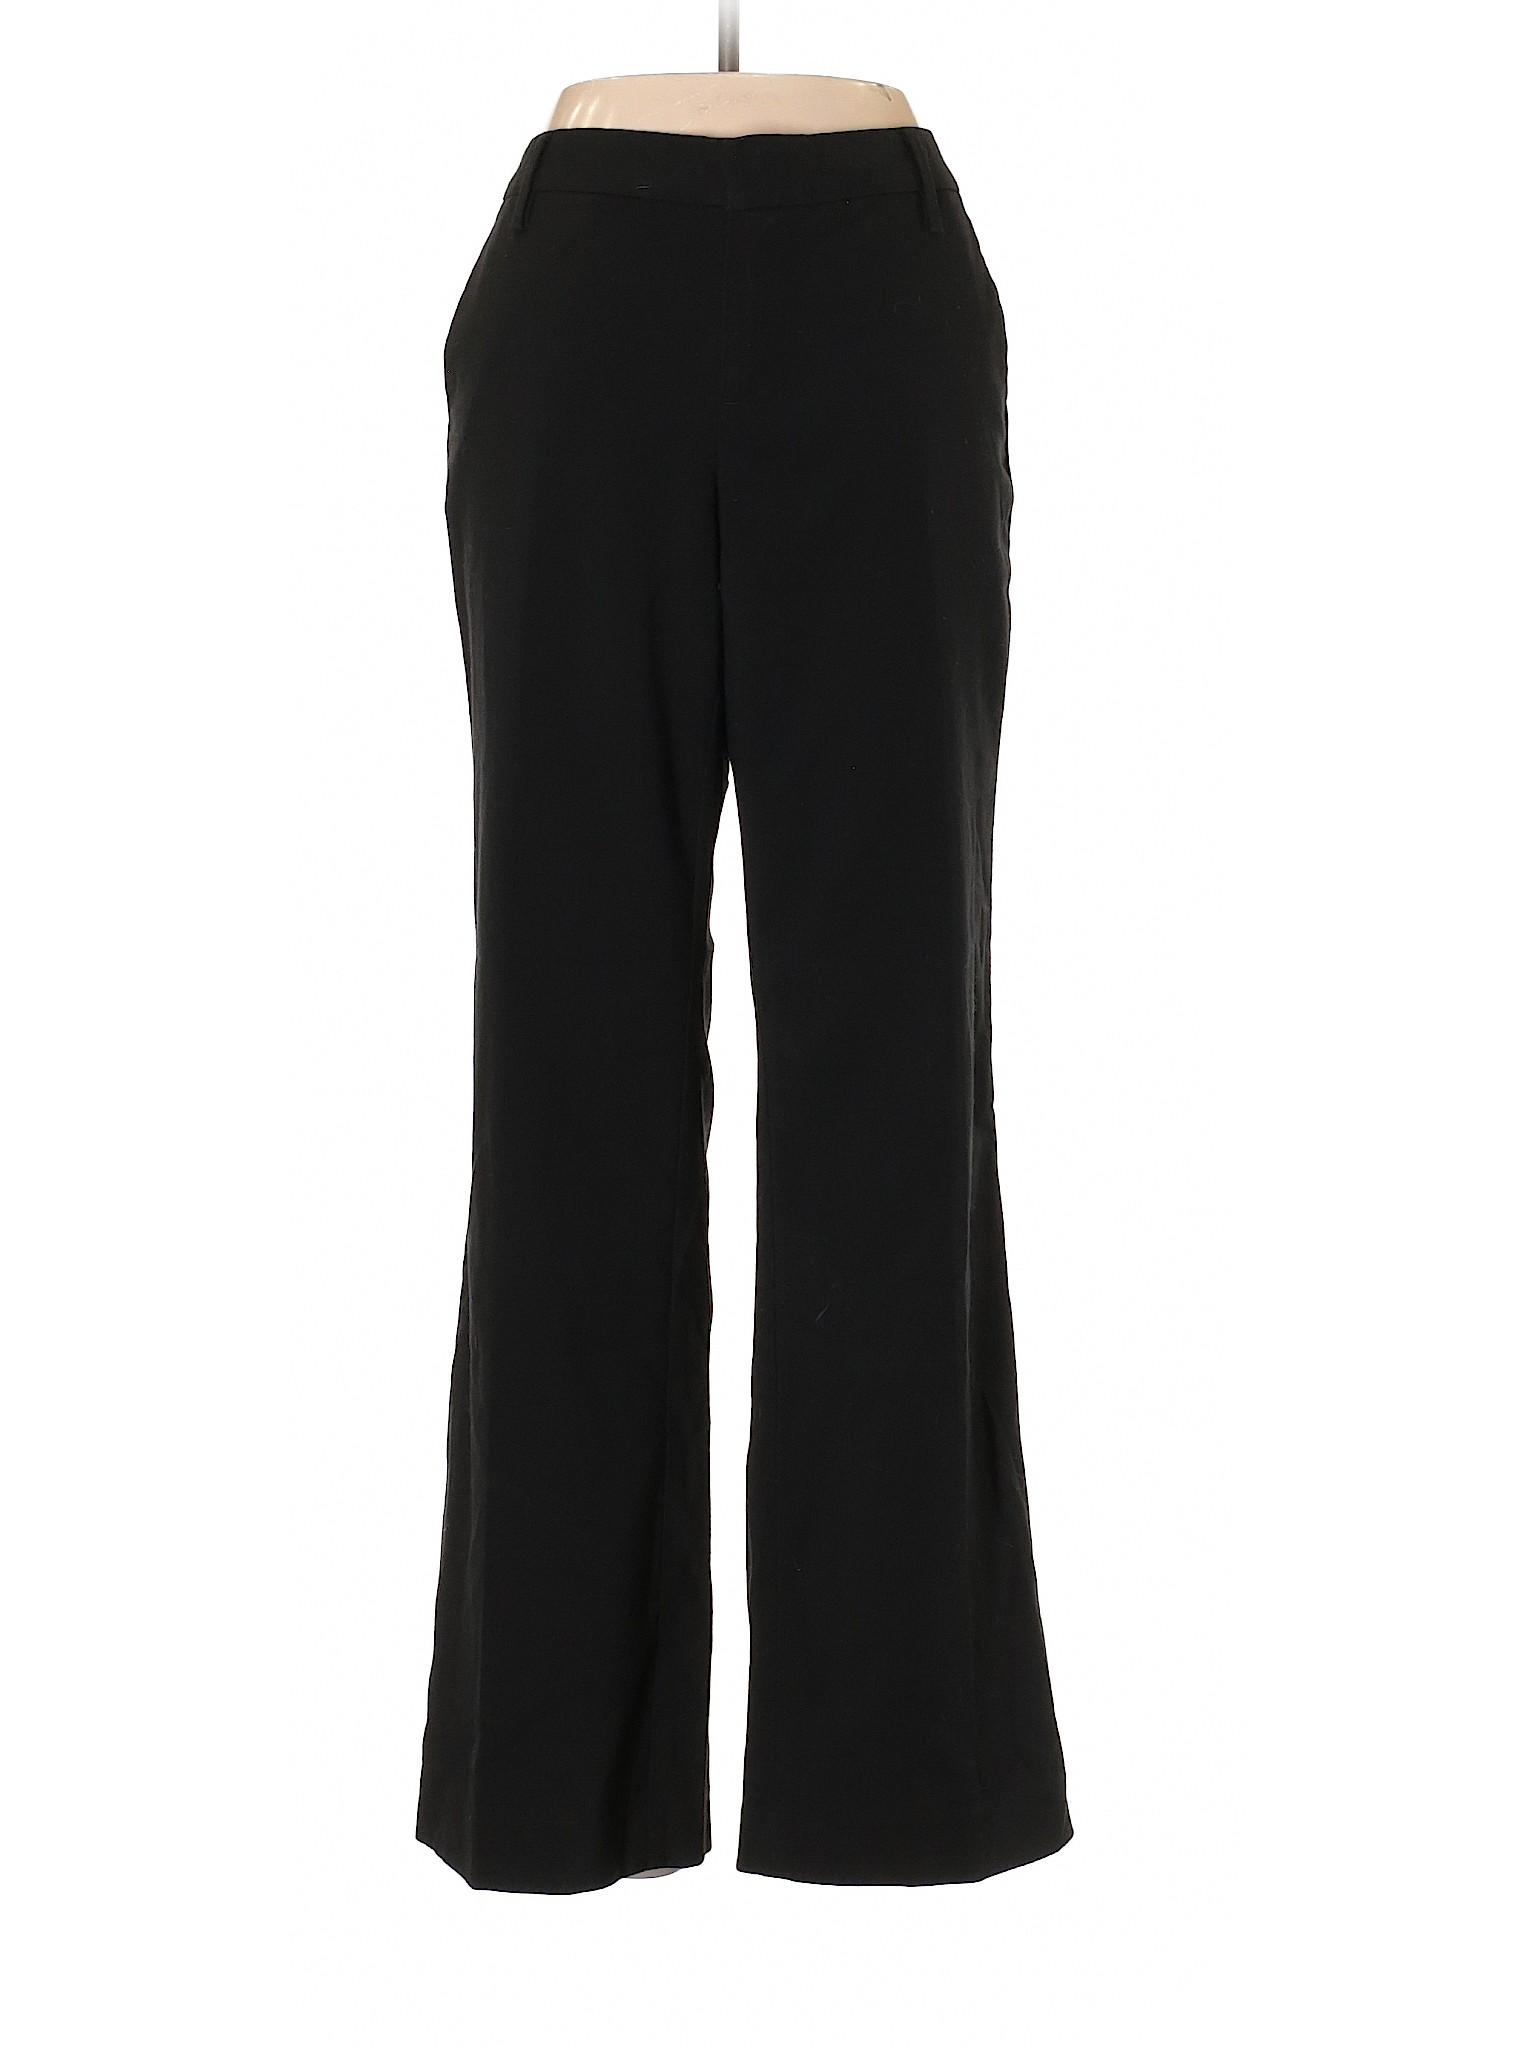 Gap Pants Boutique Dress leisure Boutique leisure xXFvqtz